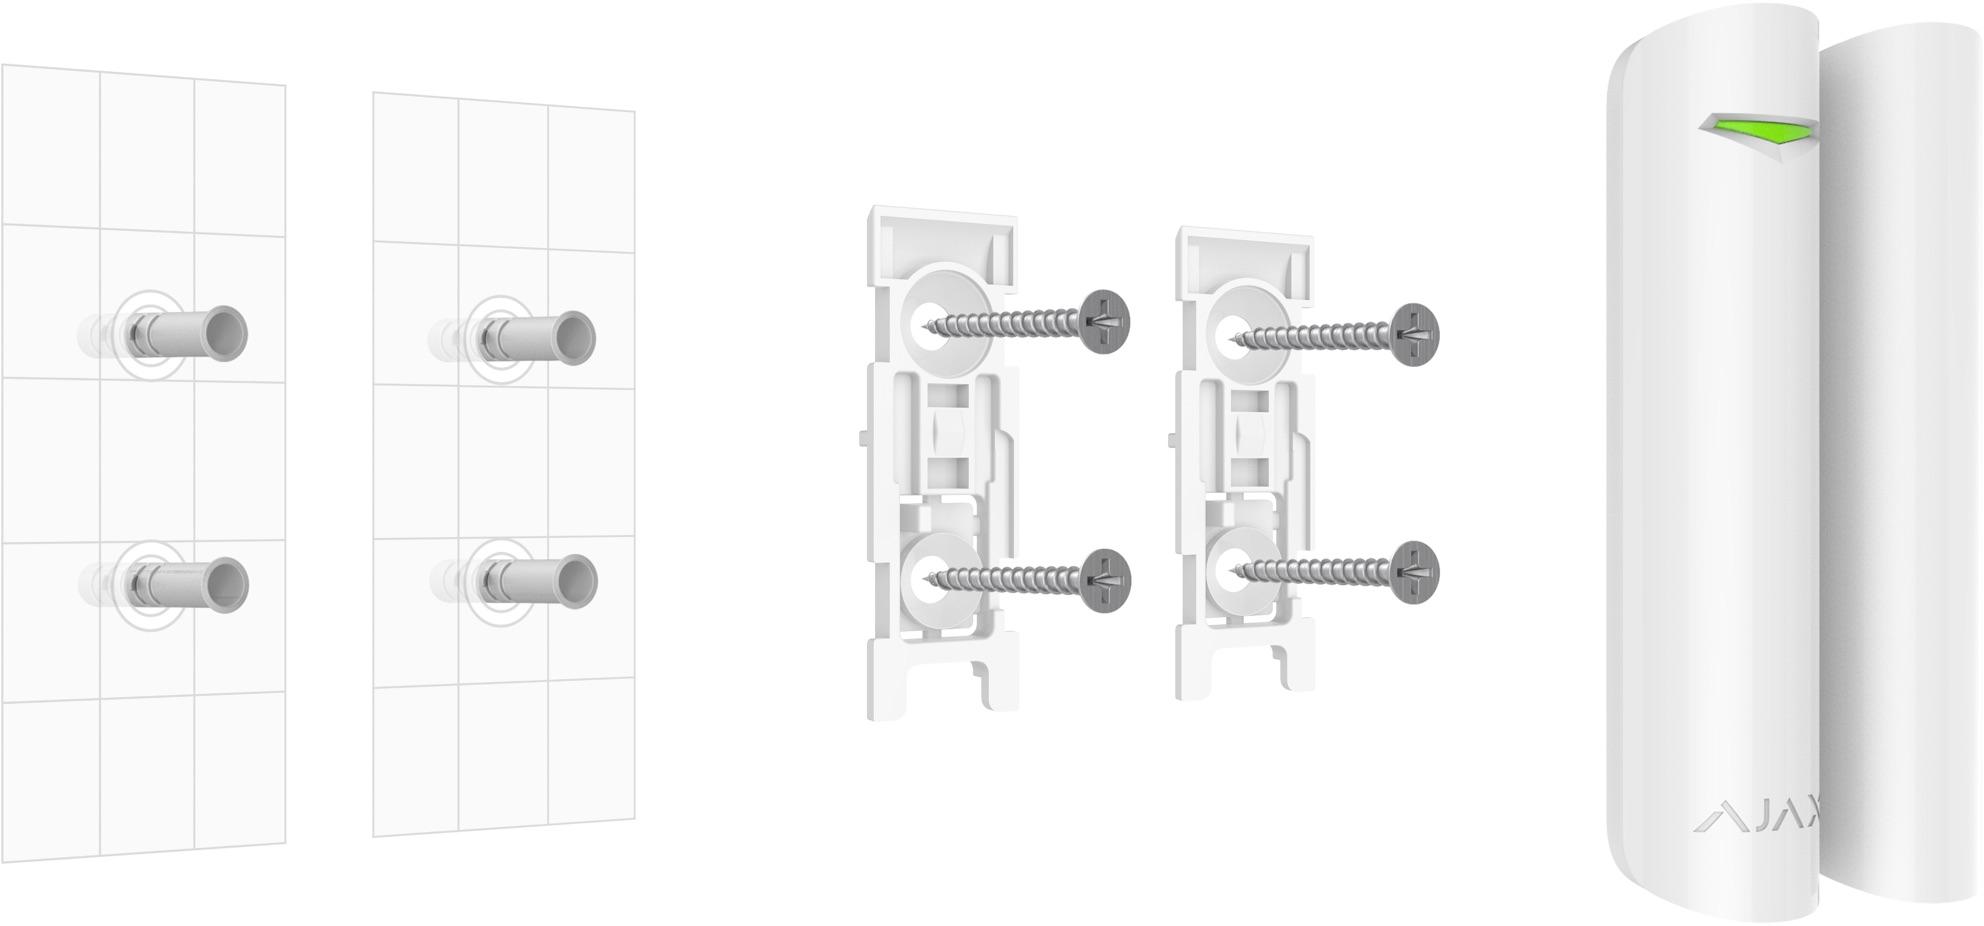 Cảm biến cửa từ thông minh AJAX gồm 2 bộ phận (Cảm biến và Nam châm) dùng để gắn ở cửa chính ra vào, cửa sổ hoặc cửa kính…